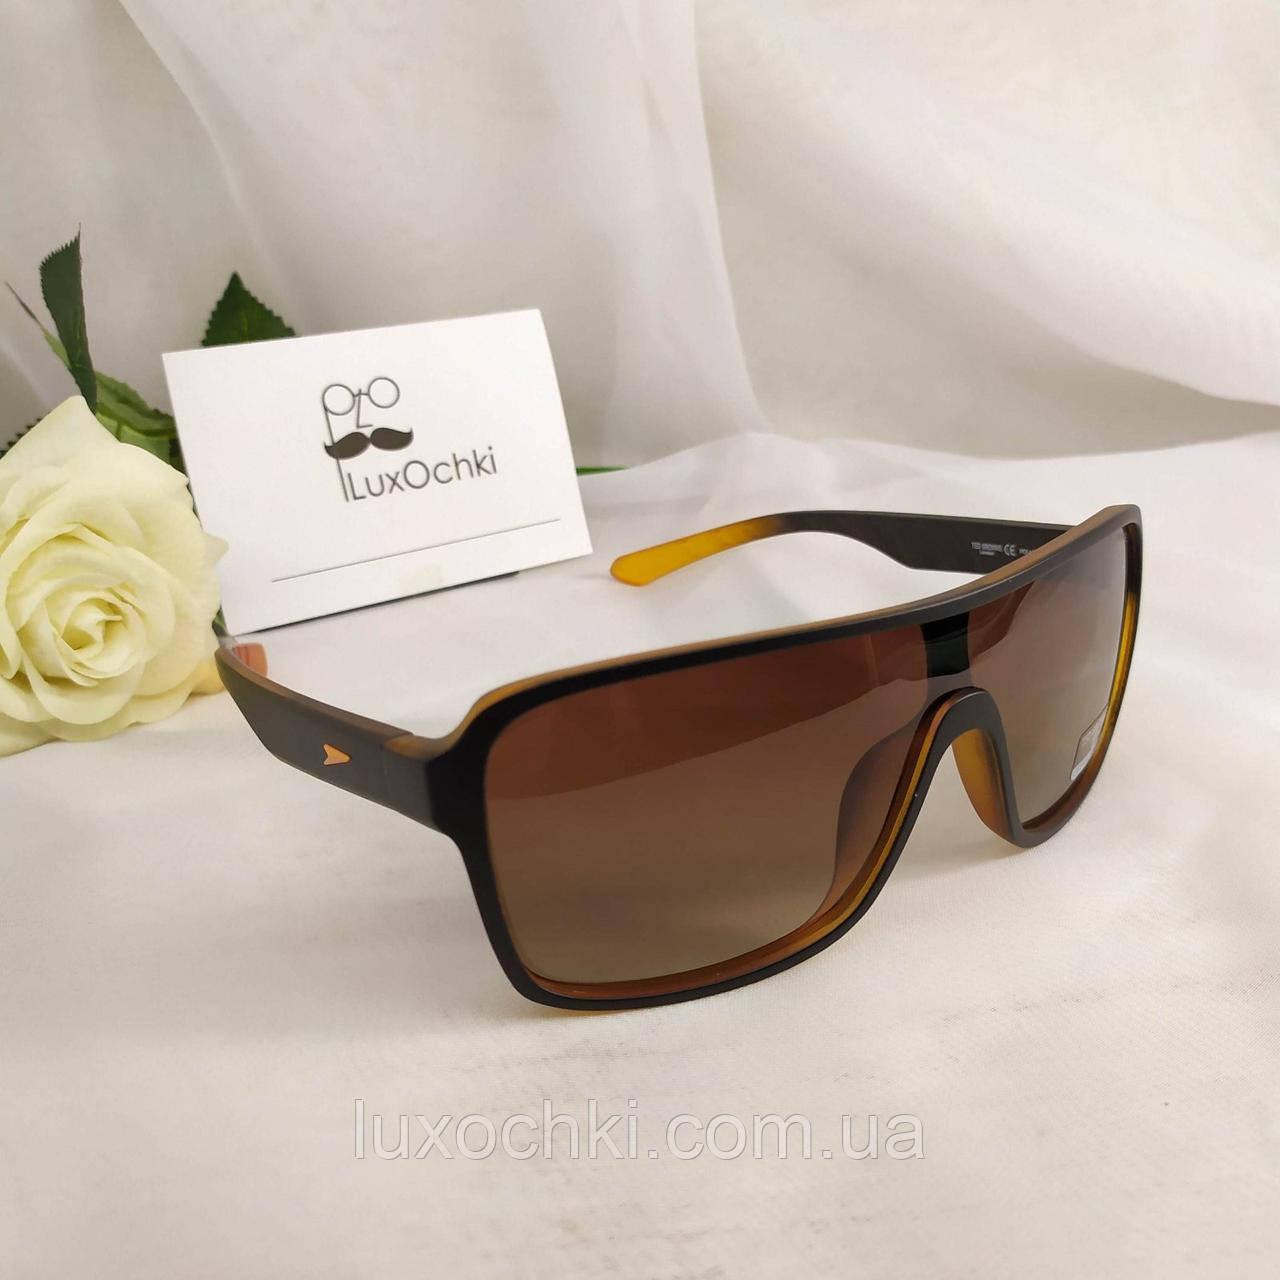 Стильные мужские солнцезащитные поляризованные очки маска Ted Browne